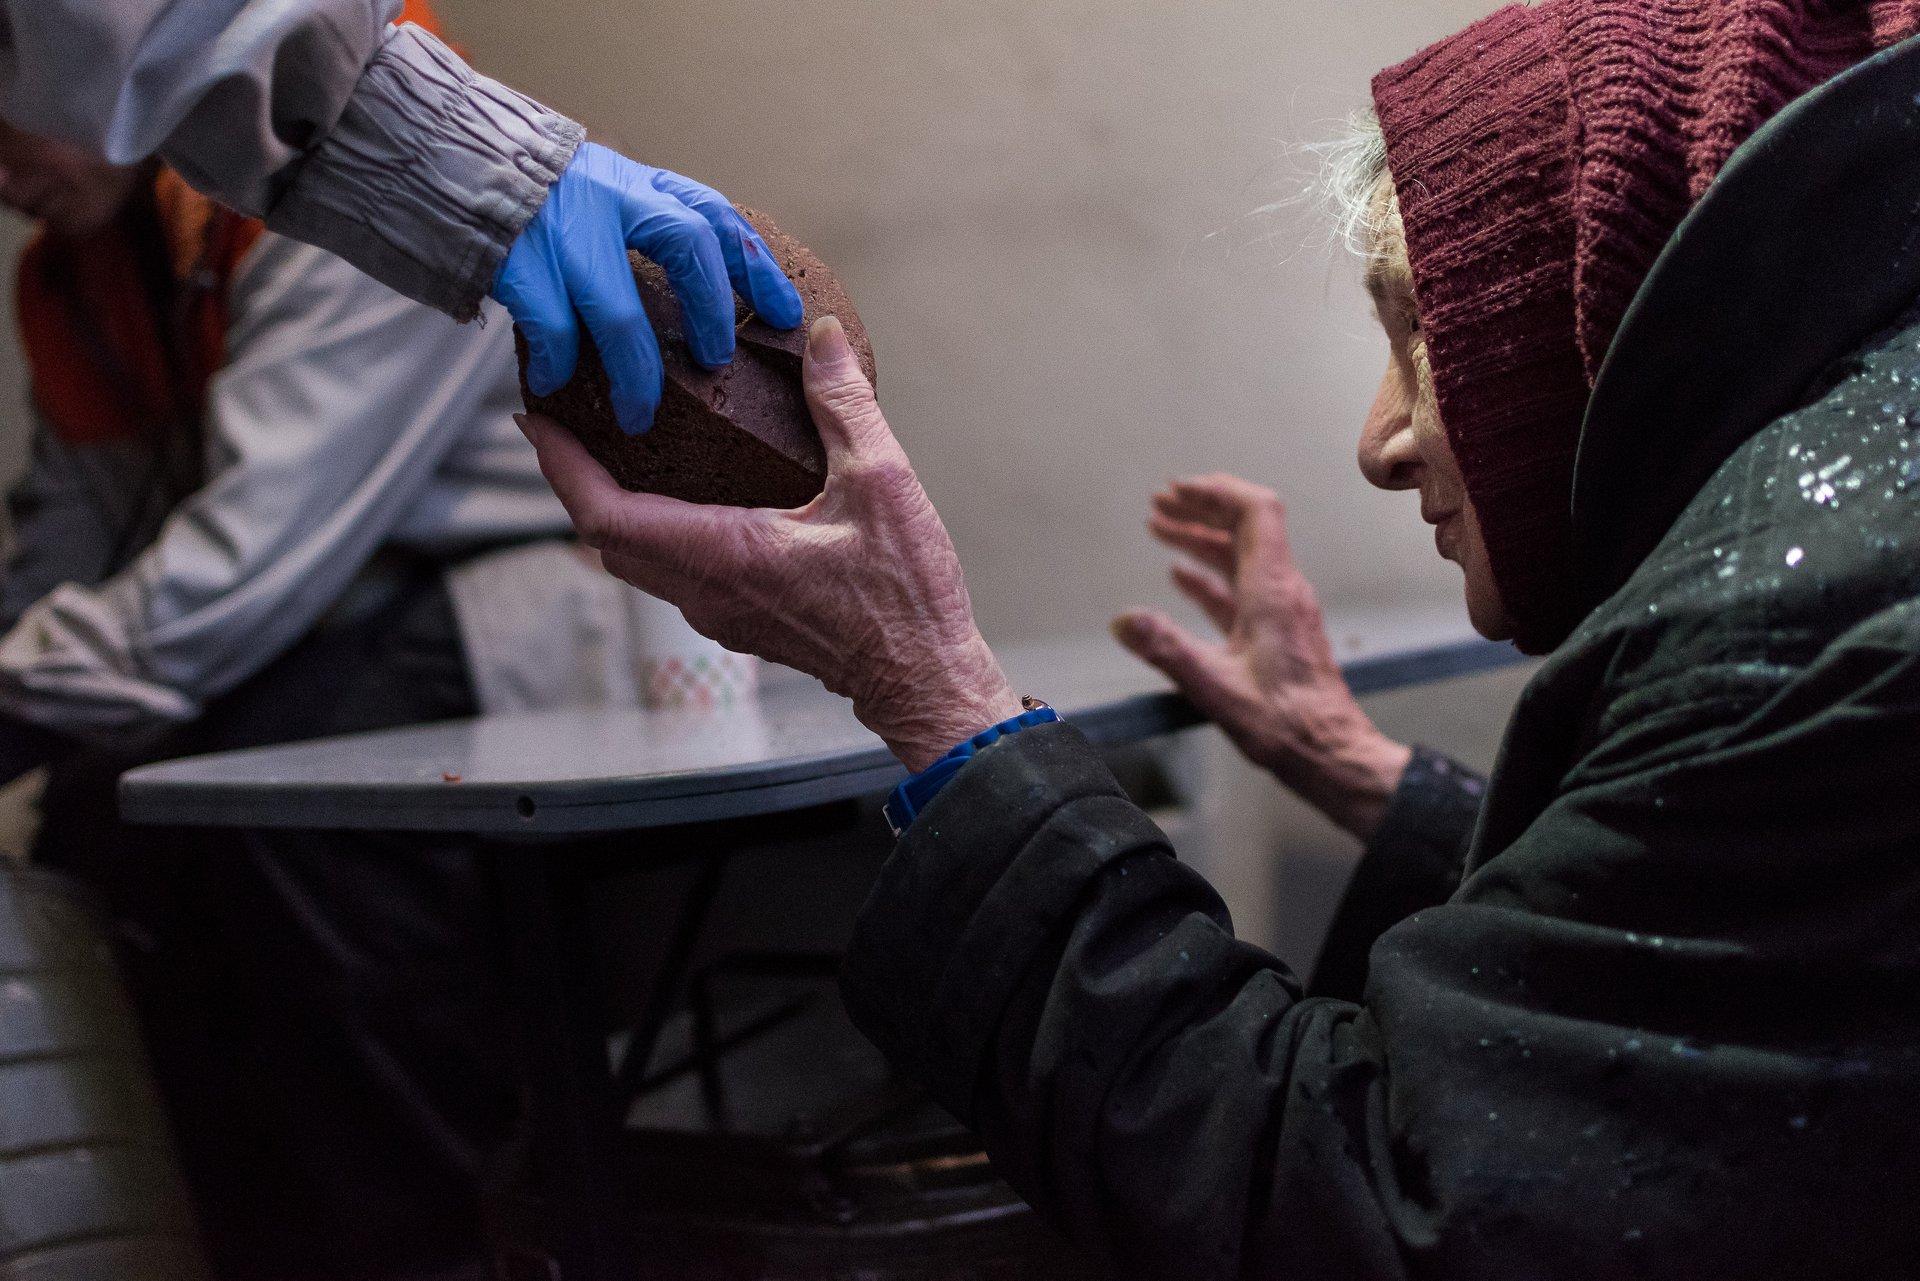 «Невмоем дворе». «Ночлежка» опять столкнулась спротестами против приюта для бездомных